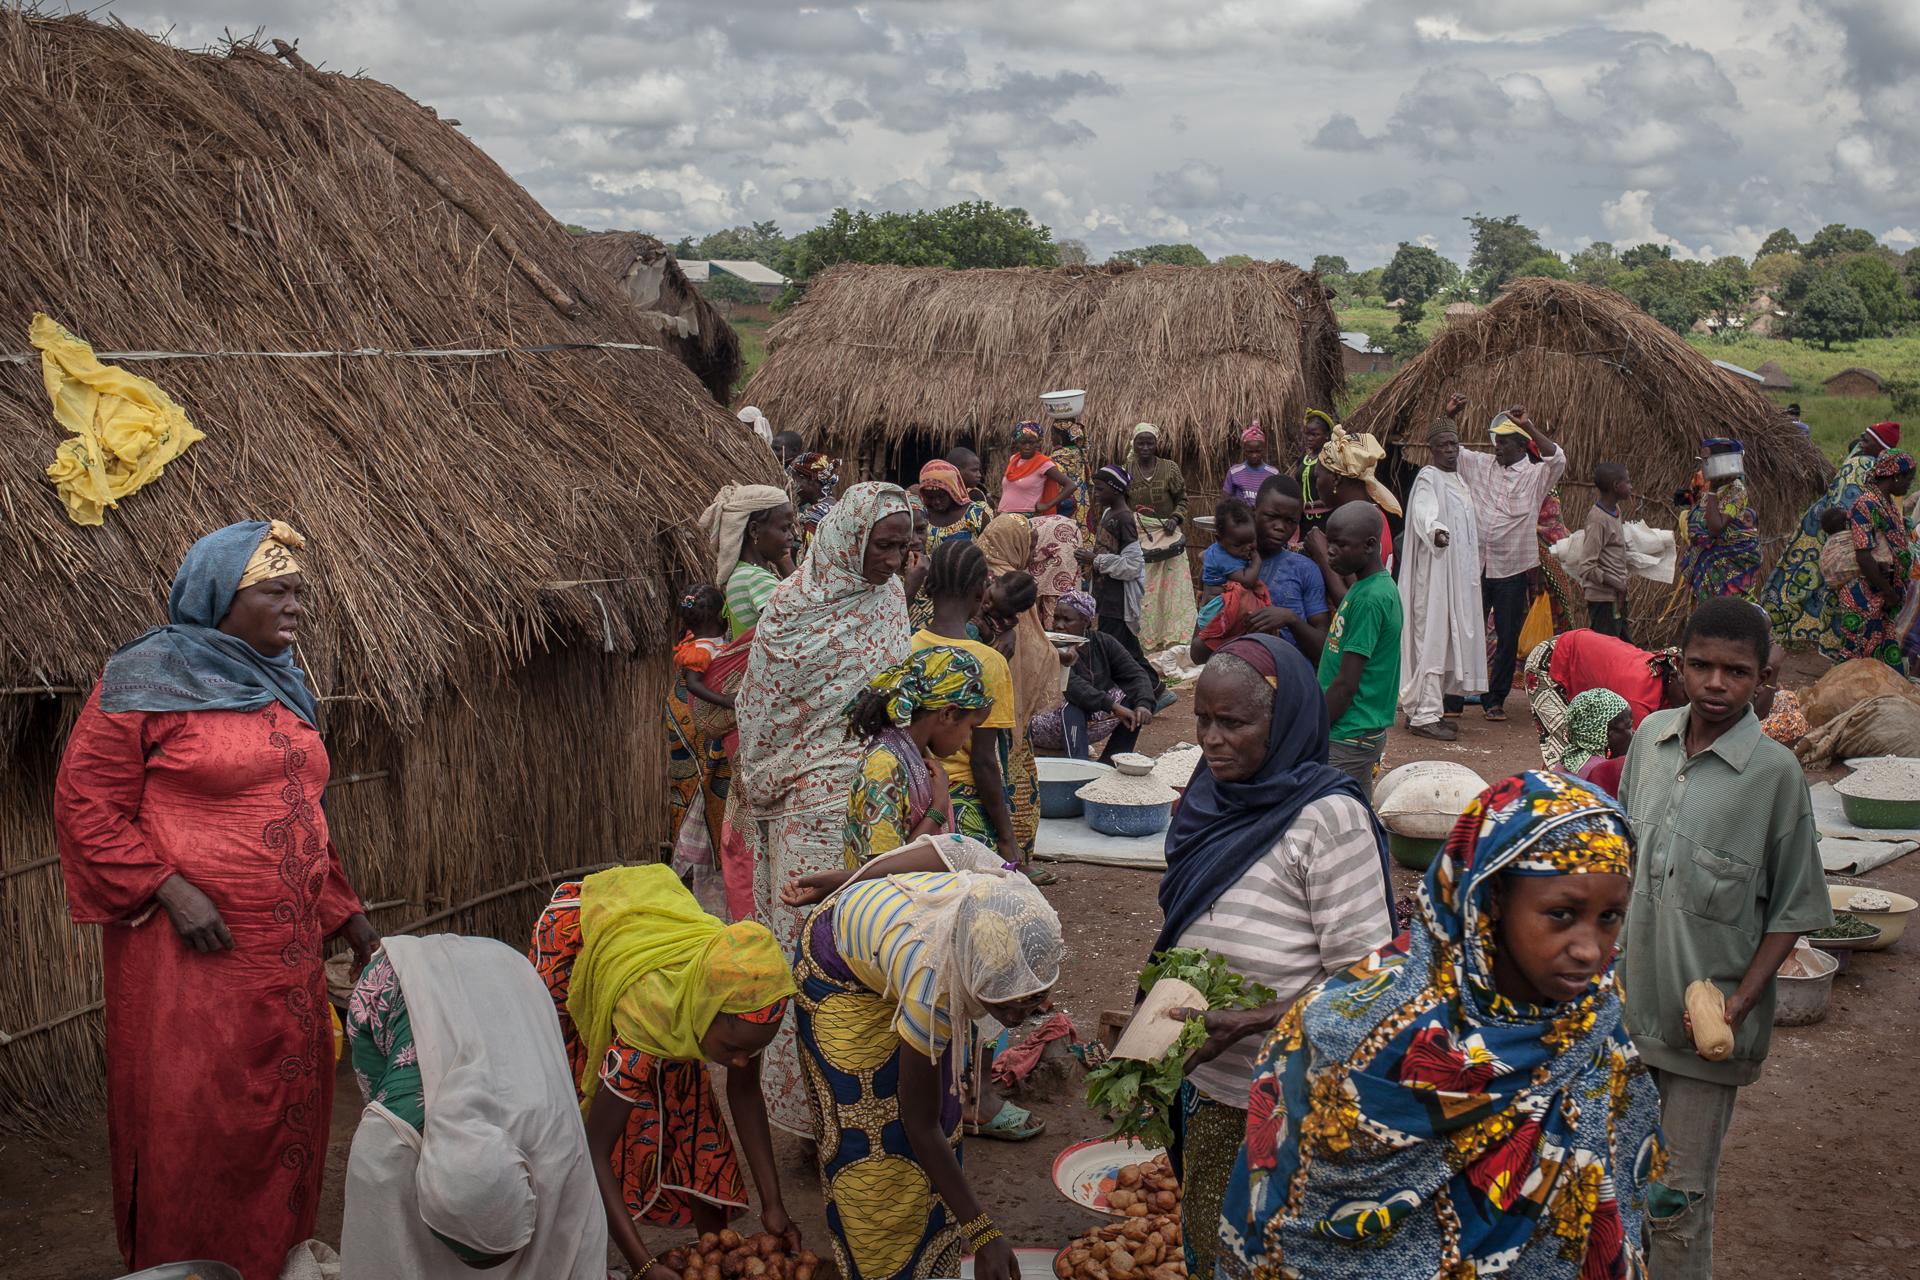 The Refugee's Market / Le marché des réfugiés